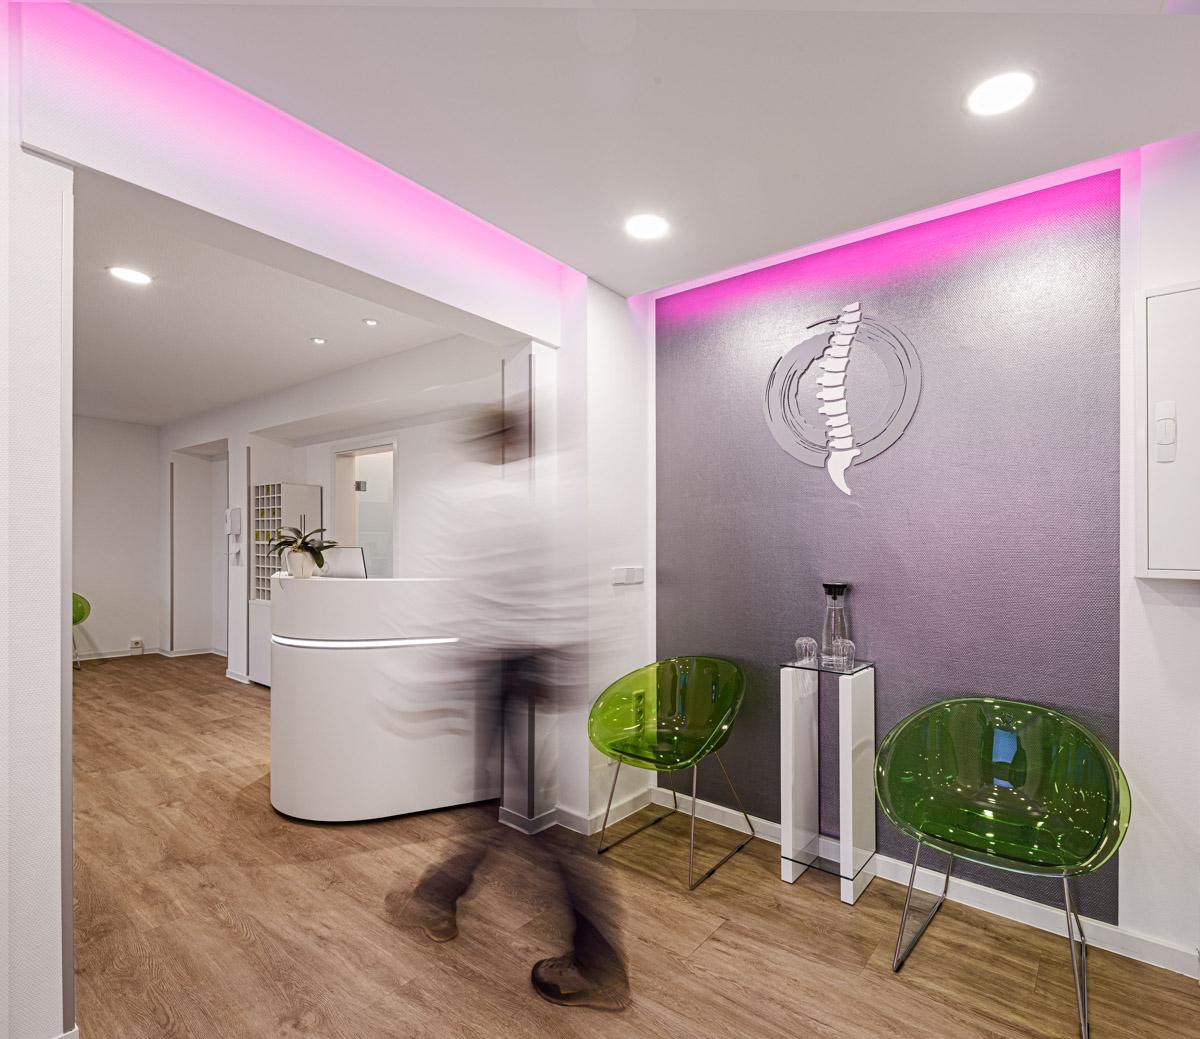 Physiotherapiefachpraxis Heynold auf der Papsdorfer Straße - Lichtmänner GmbH - Foyer - Warteraum